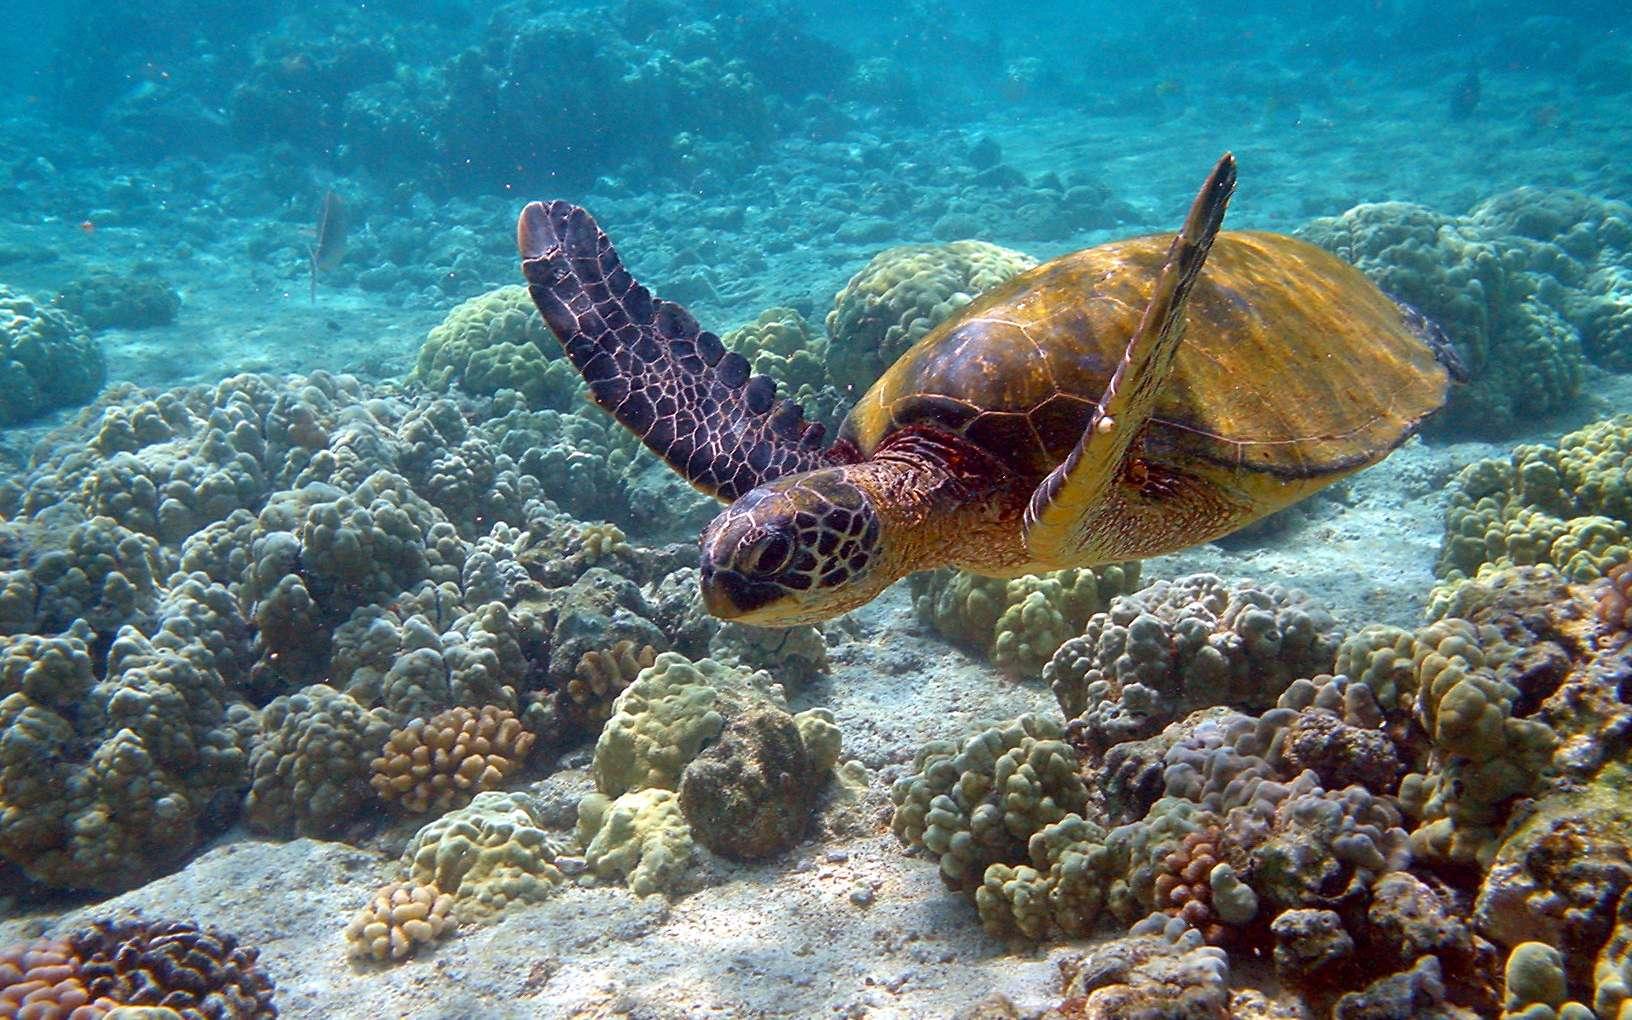 La tortue verte a une fonction vitale dans la faune marine. Elle contrôle l'expansion des algues dans les récifs coralliens. © Brocken Inaglory, GNU 1.2